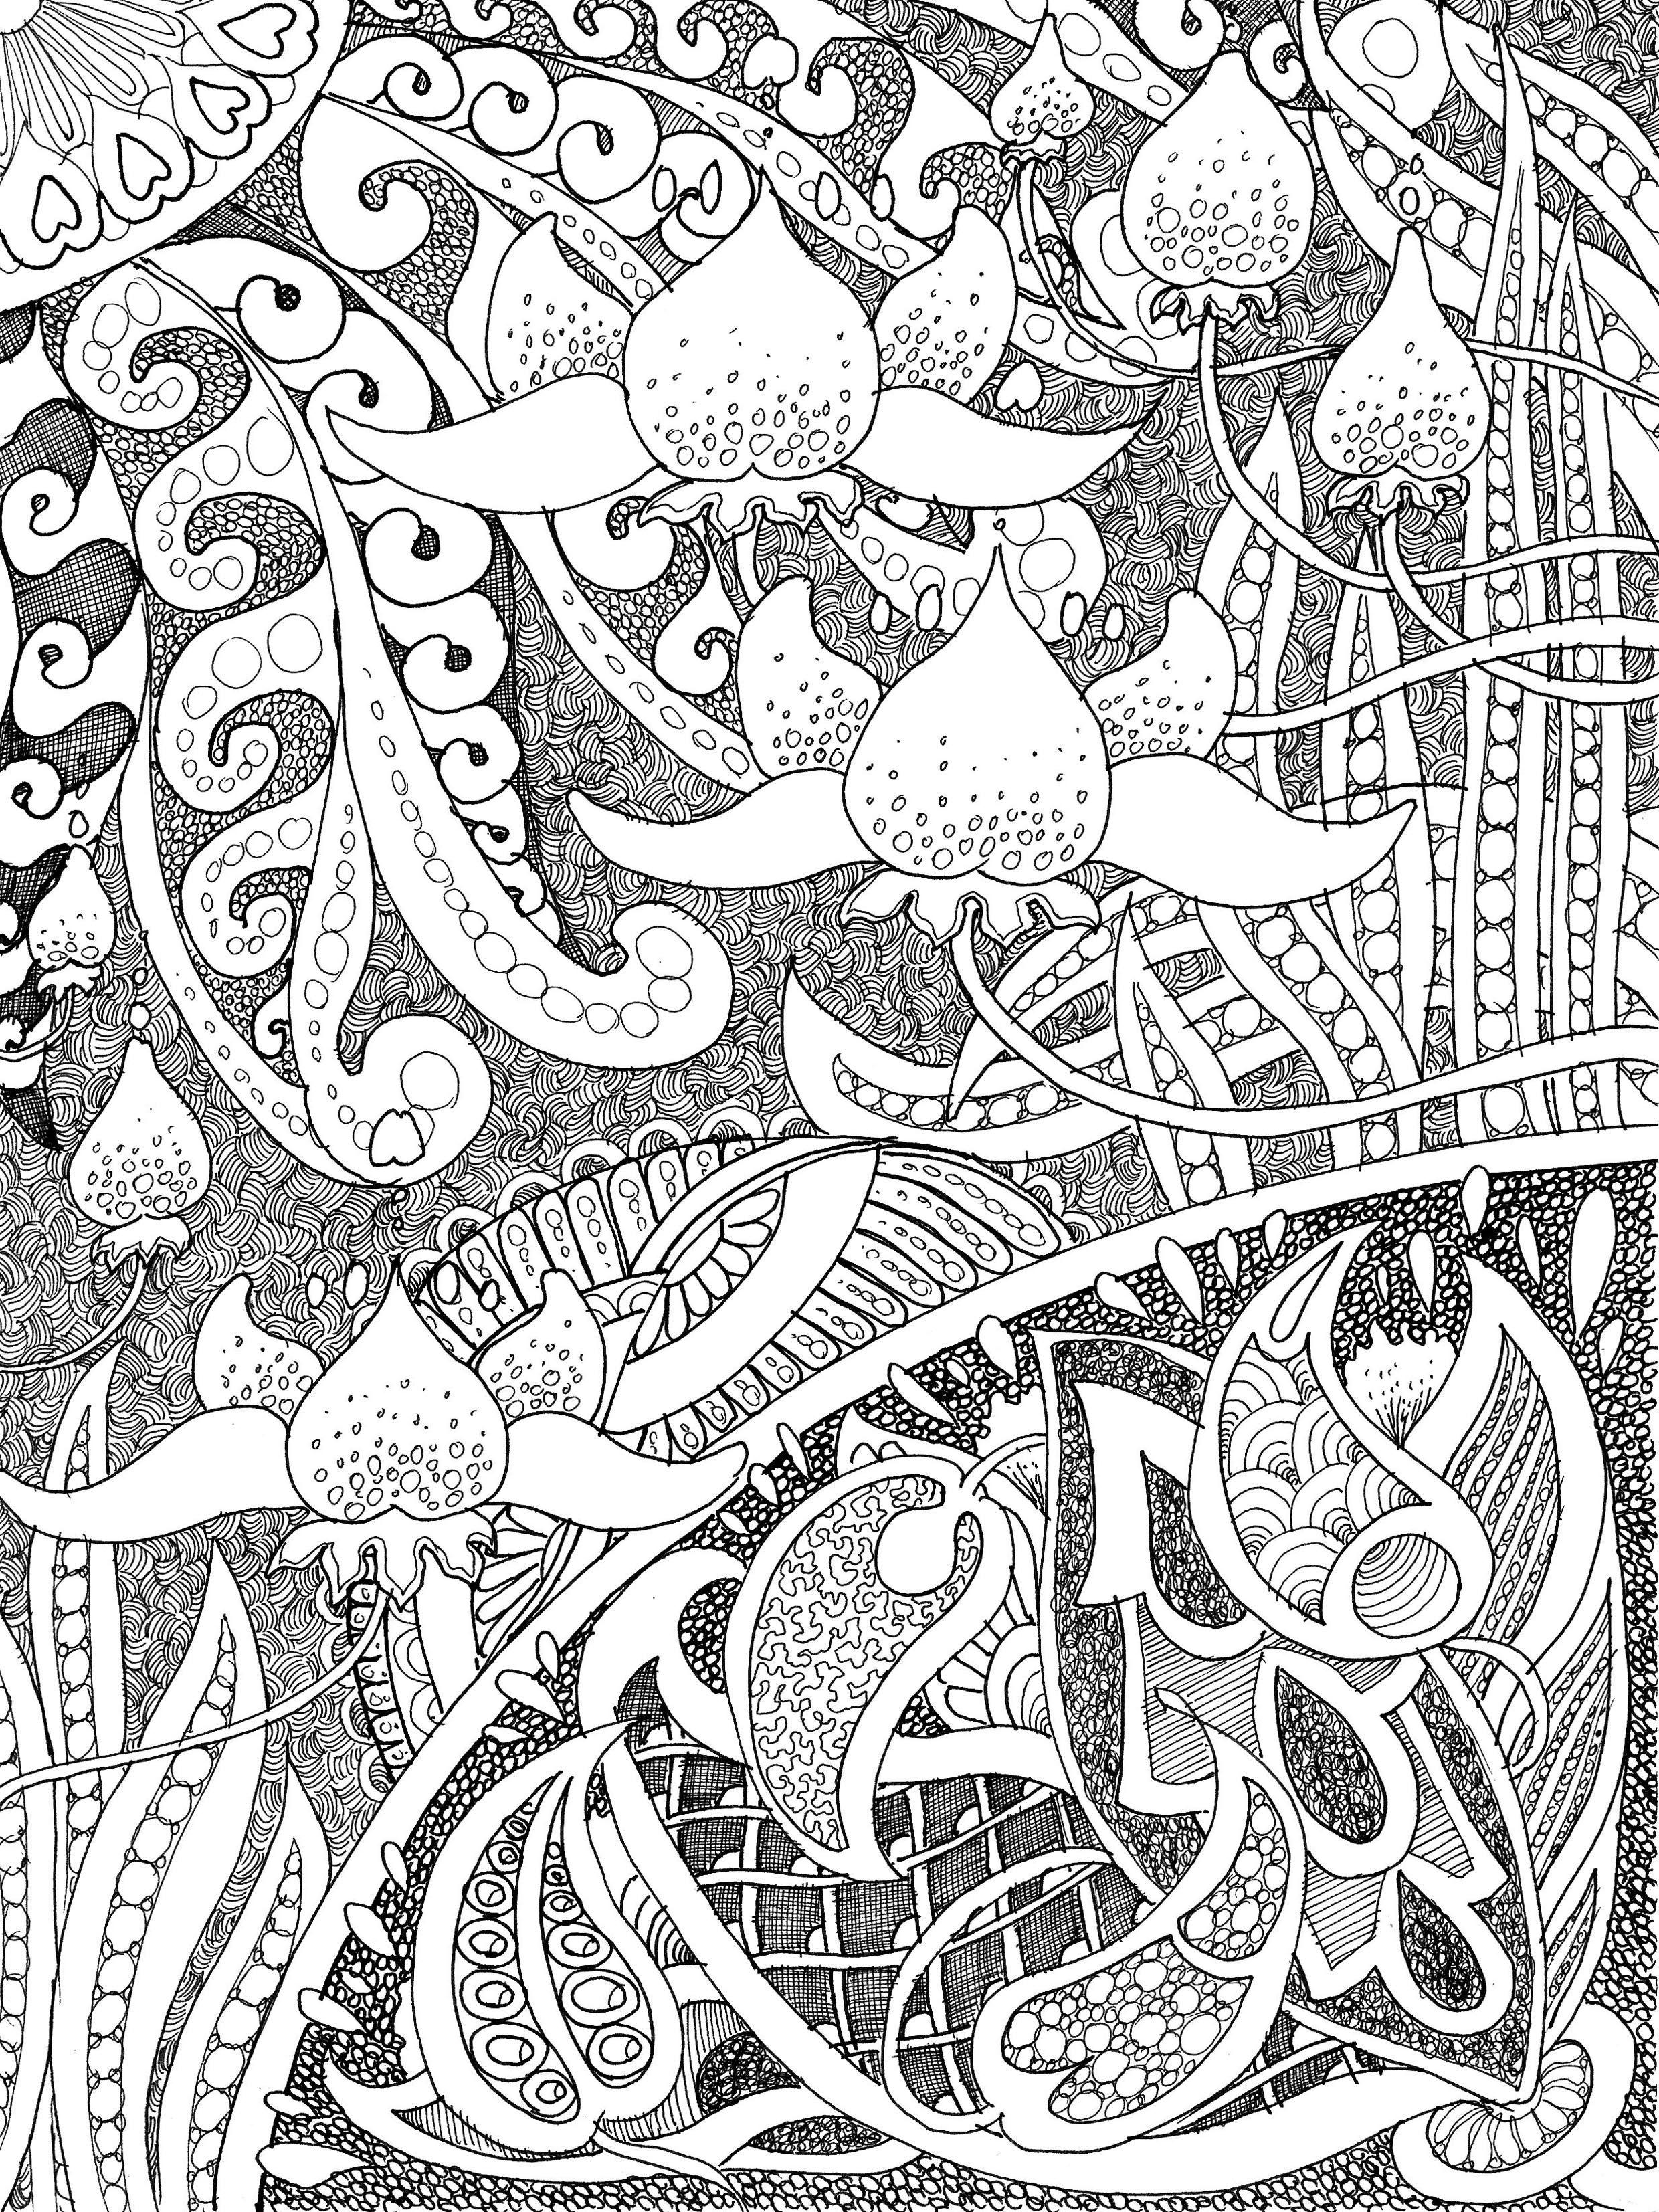 Excepcional Diseño Fresco Para Colorear Inspiración - Dibujos Para ...